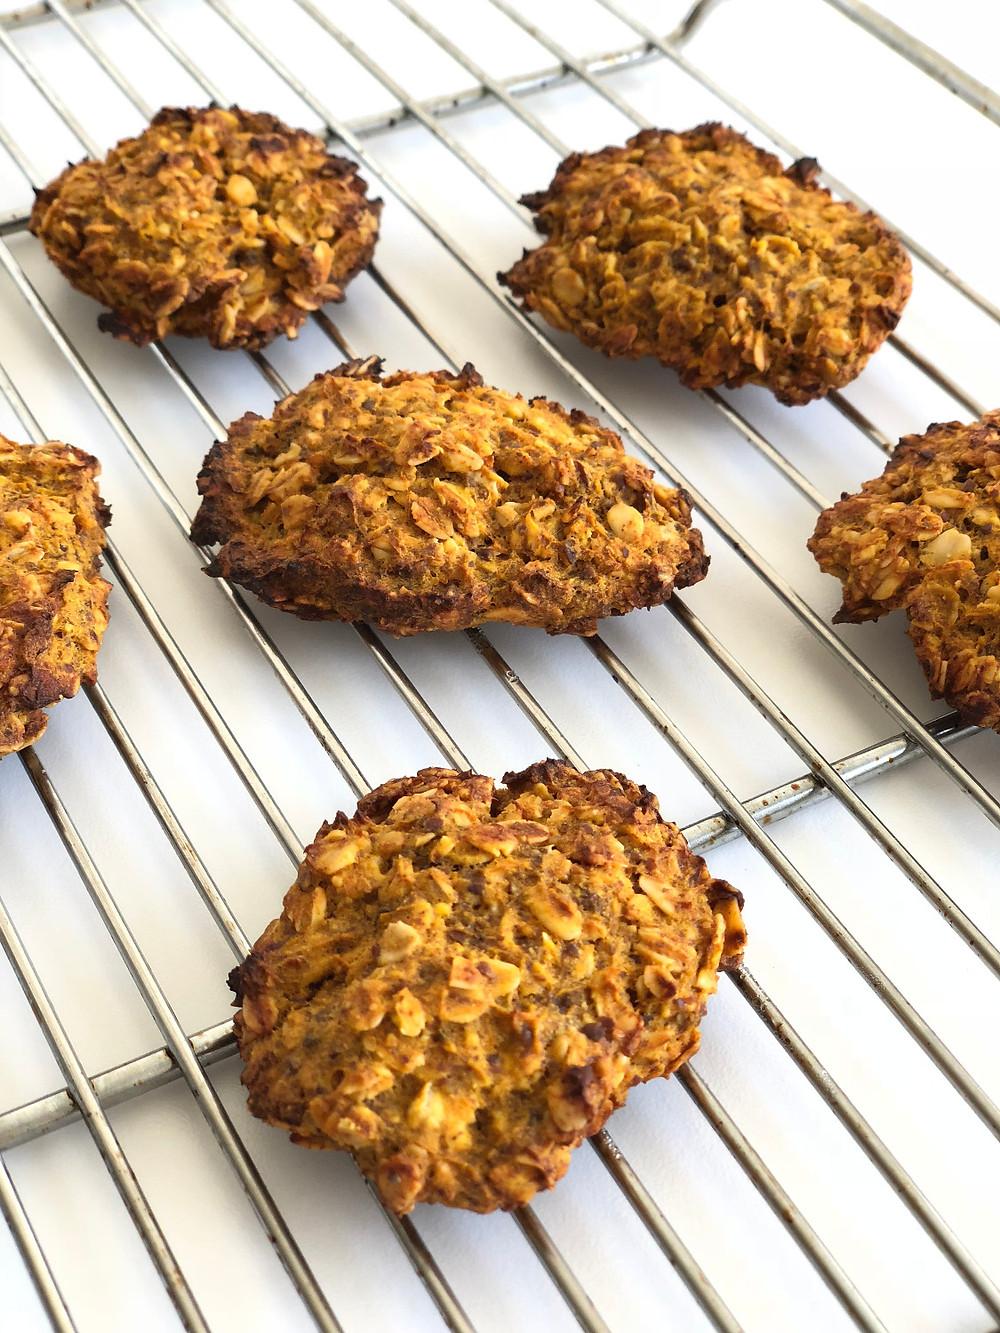 balkabaklı kurabiye, kurabiye, yulaf ezmesi, vegan